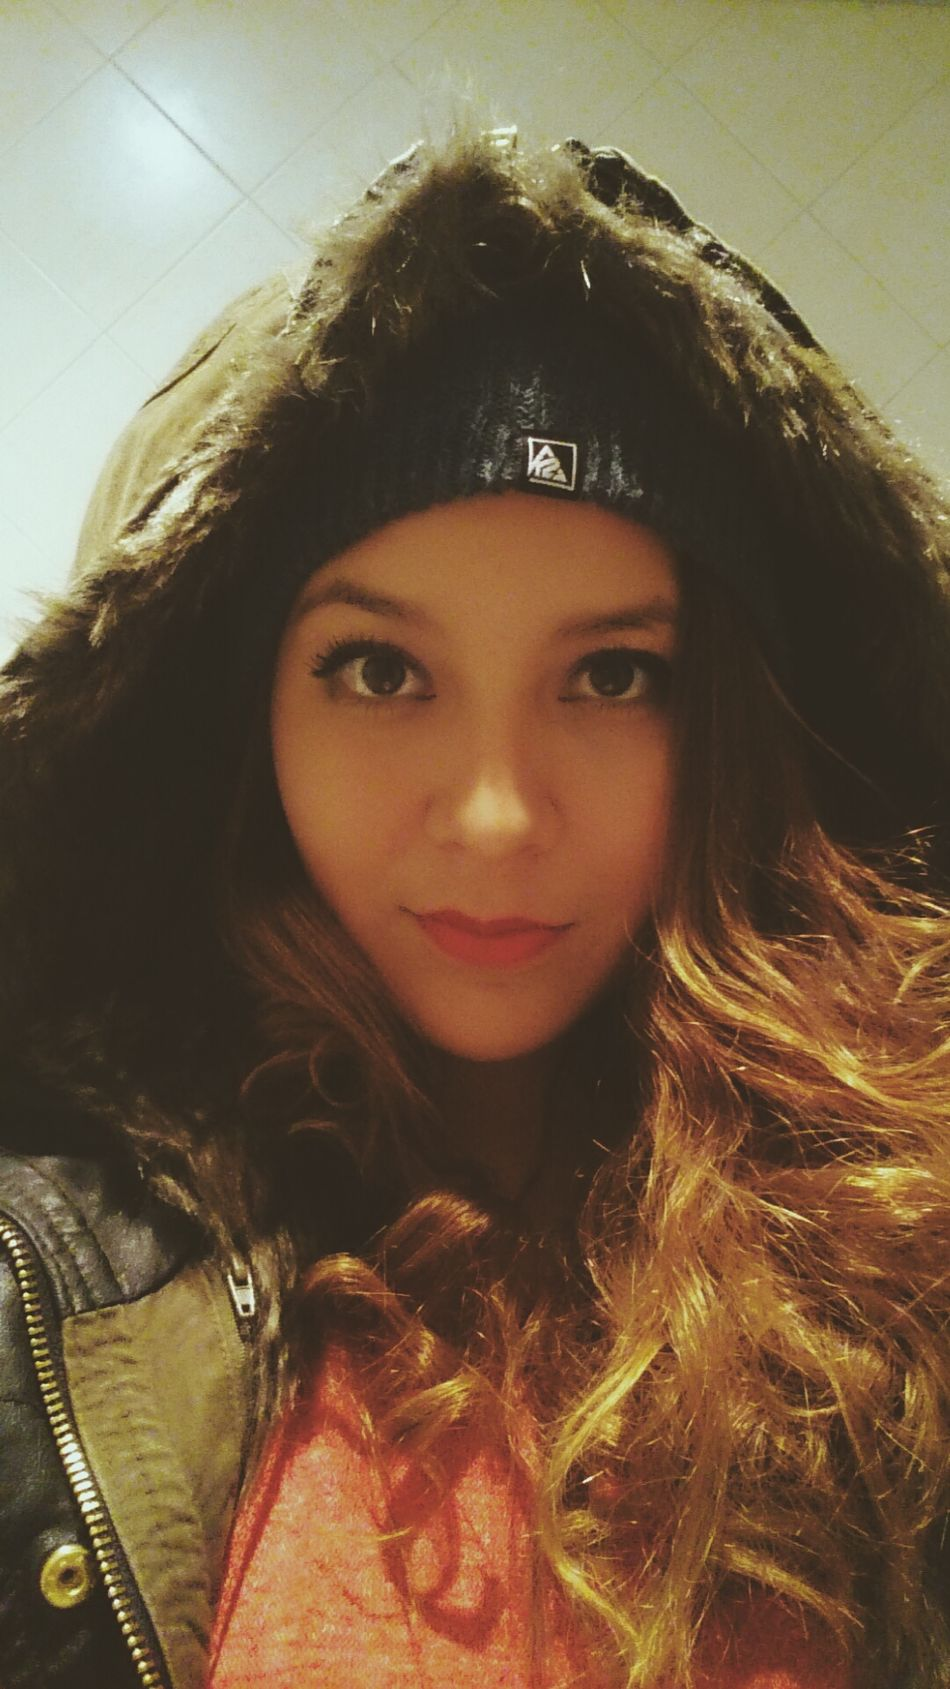 Frio ⛄❄ Cold Winter ❄⛄ Agustito Gorrito